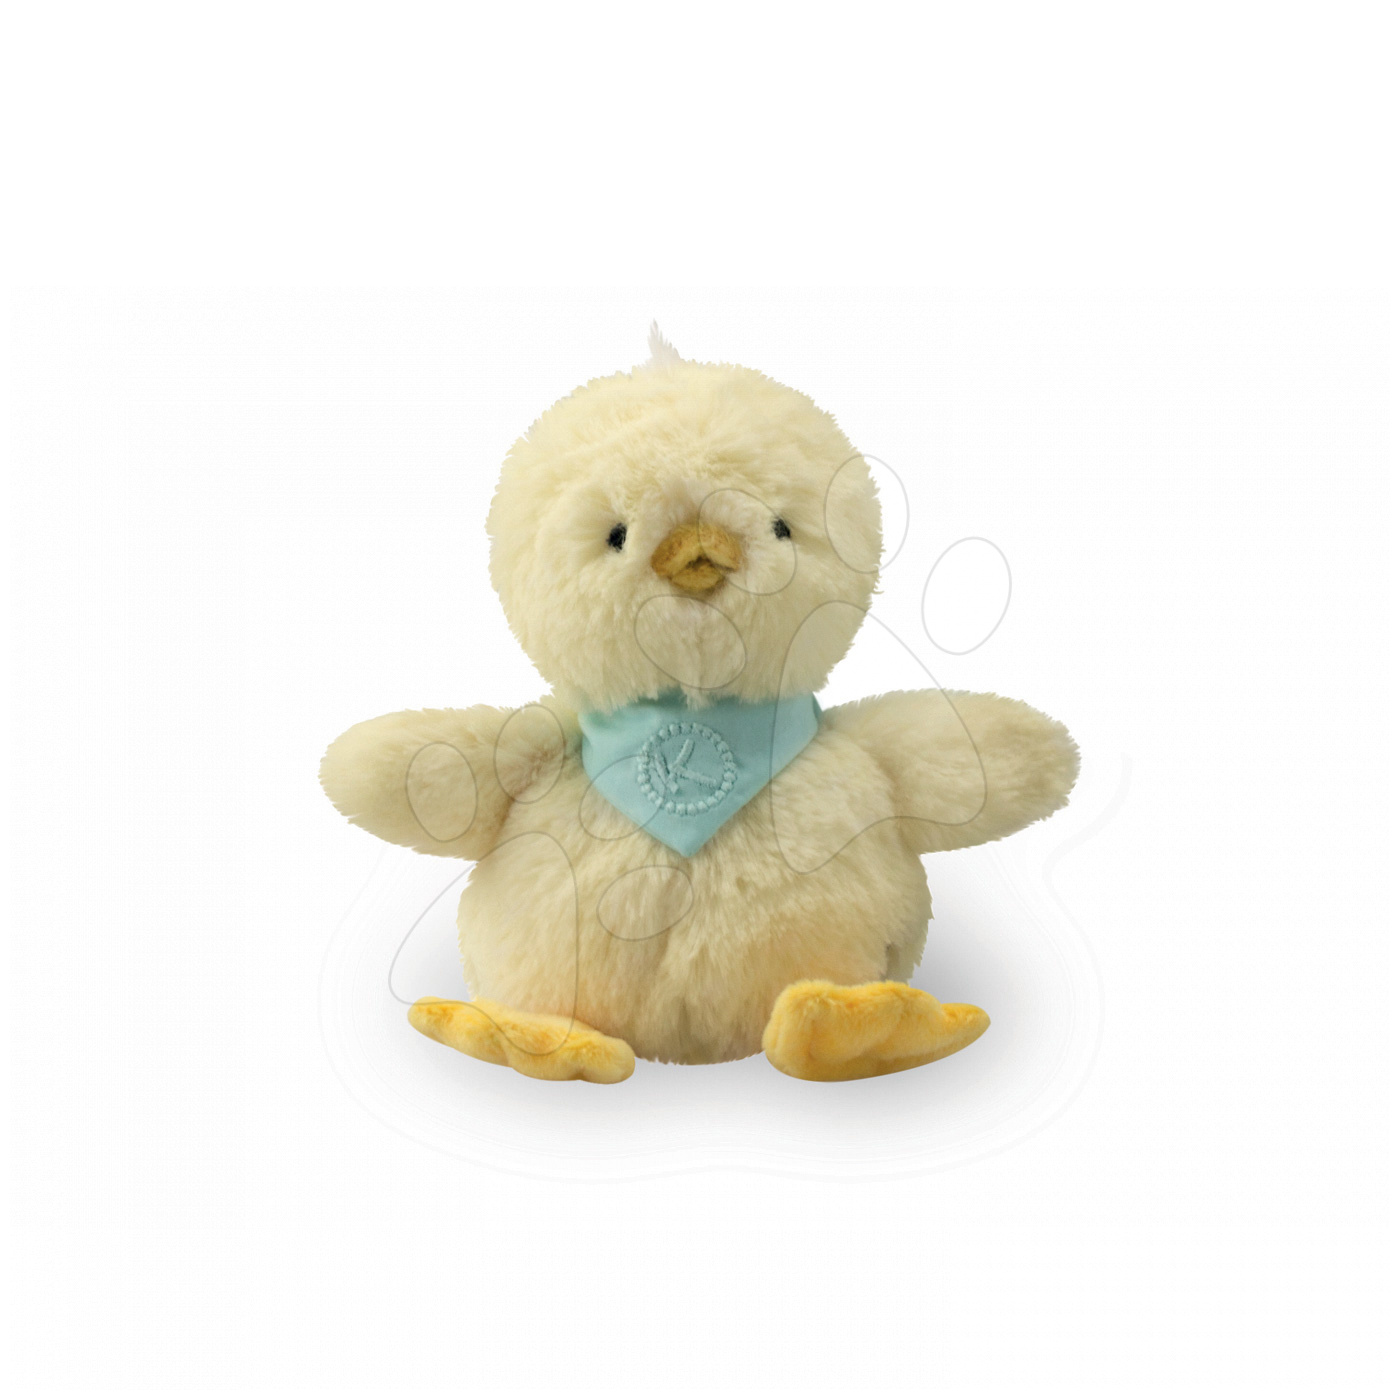 Plyšové zvieratká - Plyšové kuriatko Lemon Les Amis-Poussin Kaloo 19 cm v darčekovom balení pre najmenších